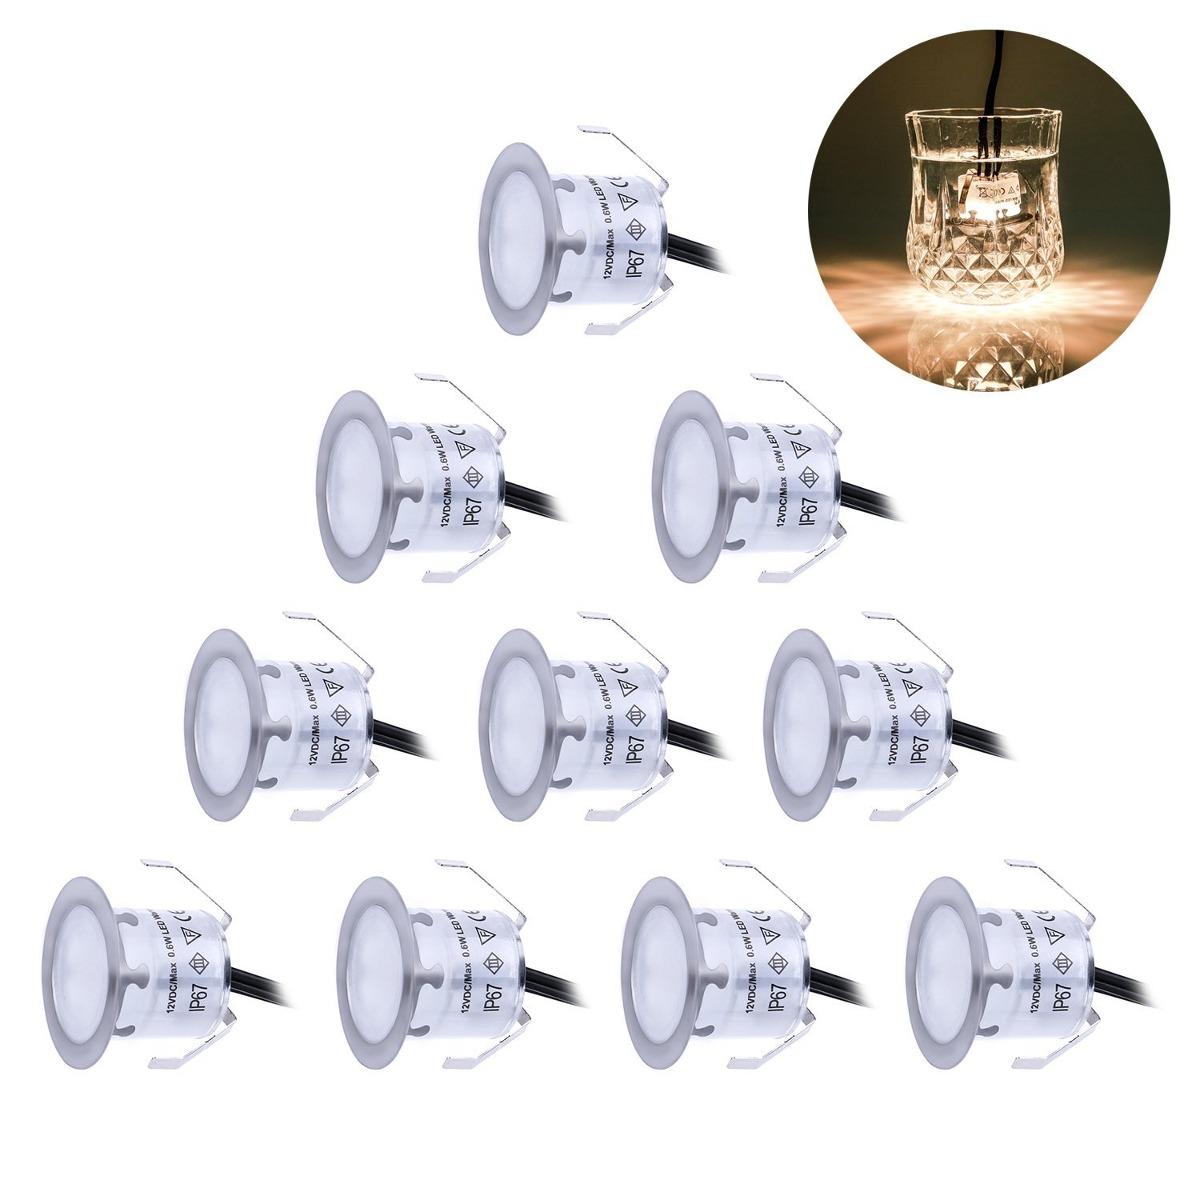 Recessed led deck lighting kits 12v low voltage warm white f recessed led deck lighting kits 12v low voltage warm white f cargando zoom aloadofball Images